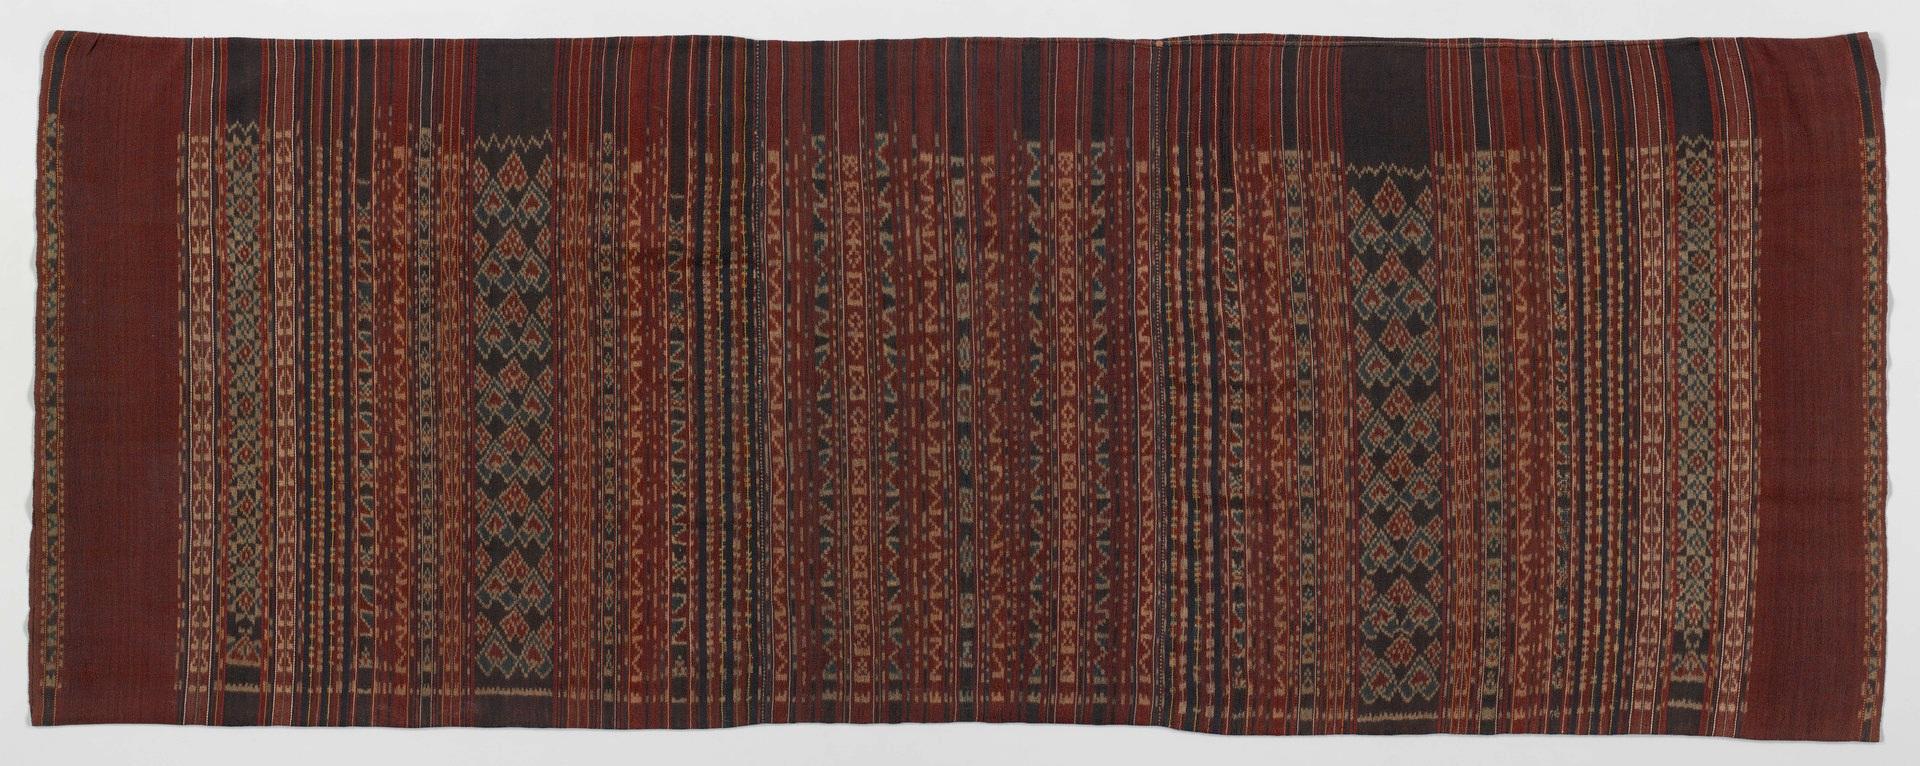 Women's Sarong   Kewatek Mean   Lembata  © Yale University Art Gallery